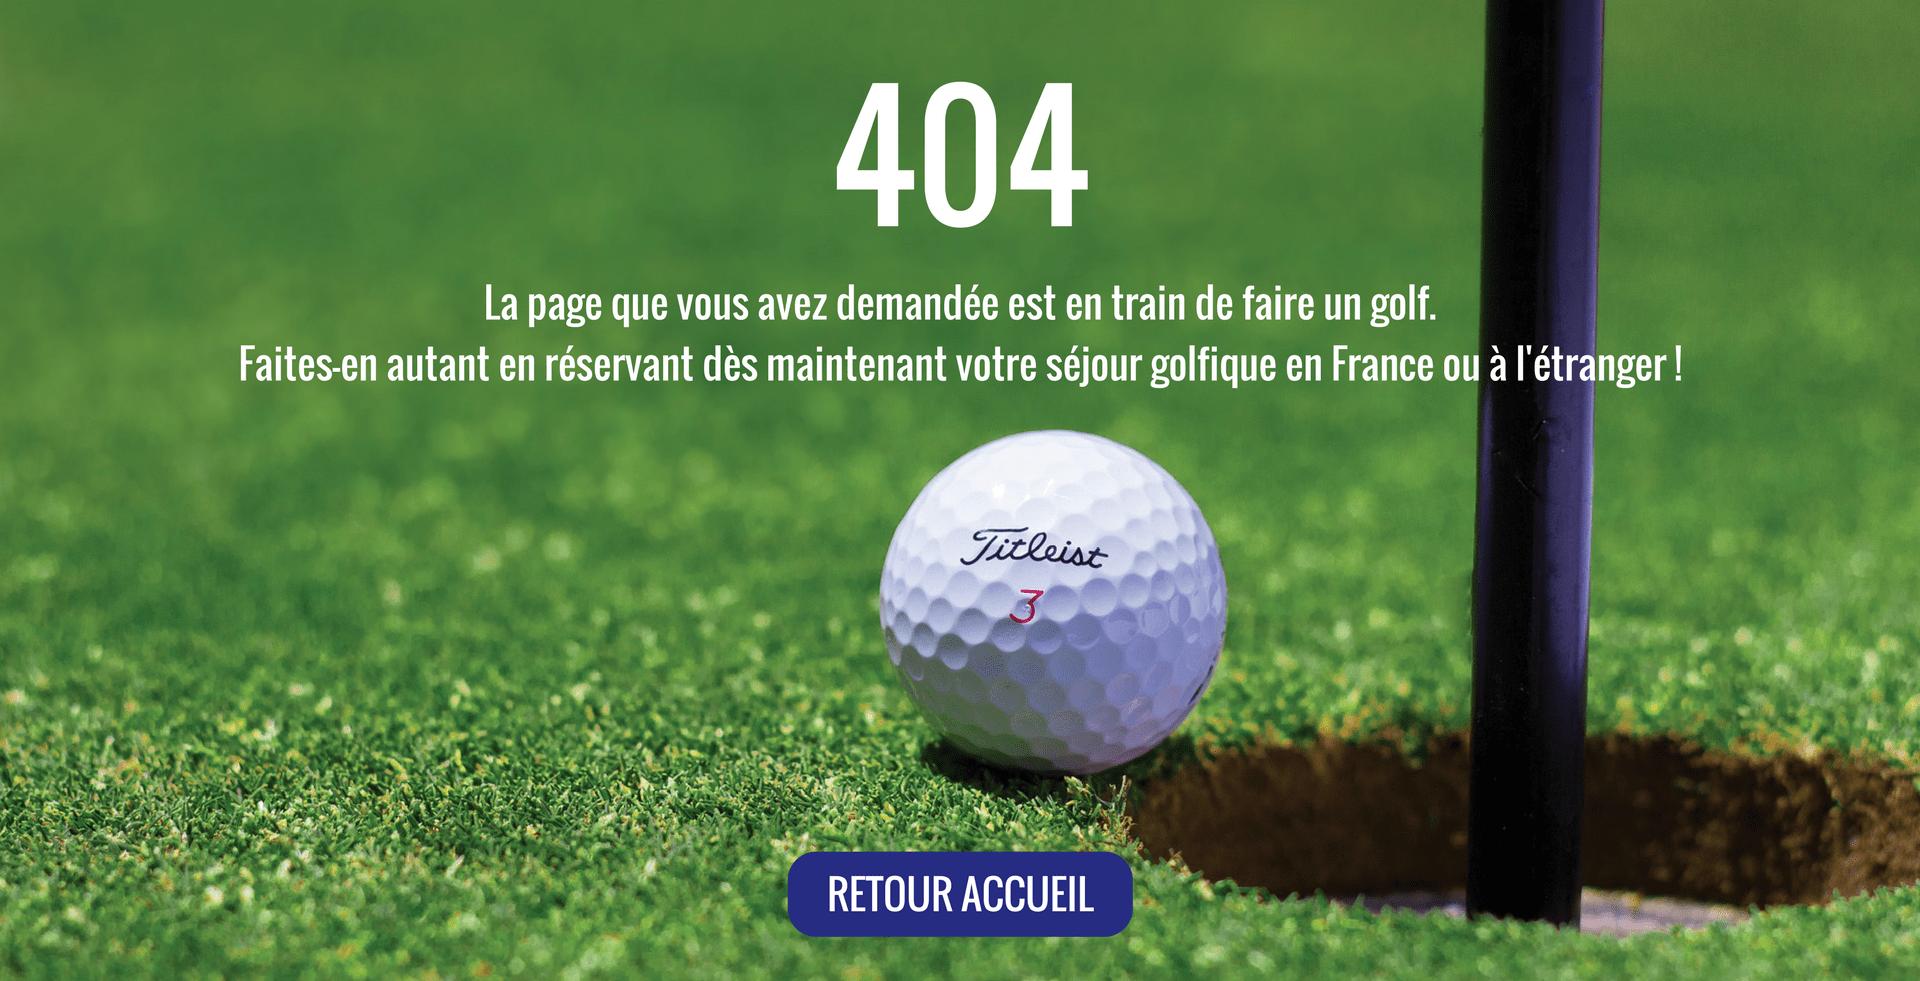 La page que vous avez demandé est en train de faire un golf. Faites-en autant en réservant dès maintenant votre séjour golfique en France ou à l'étranger !